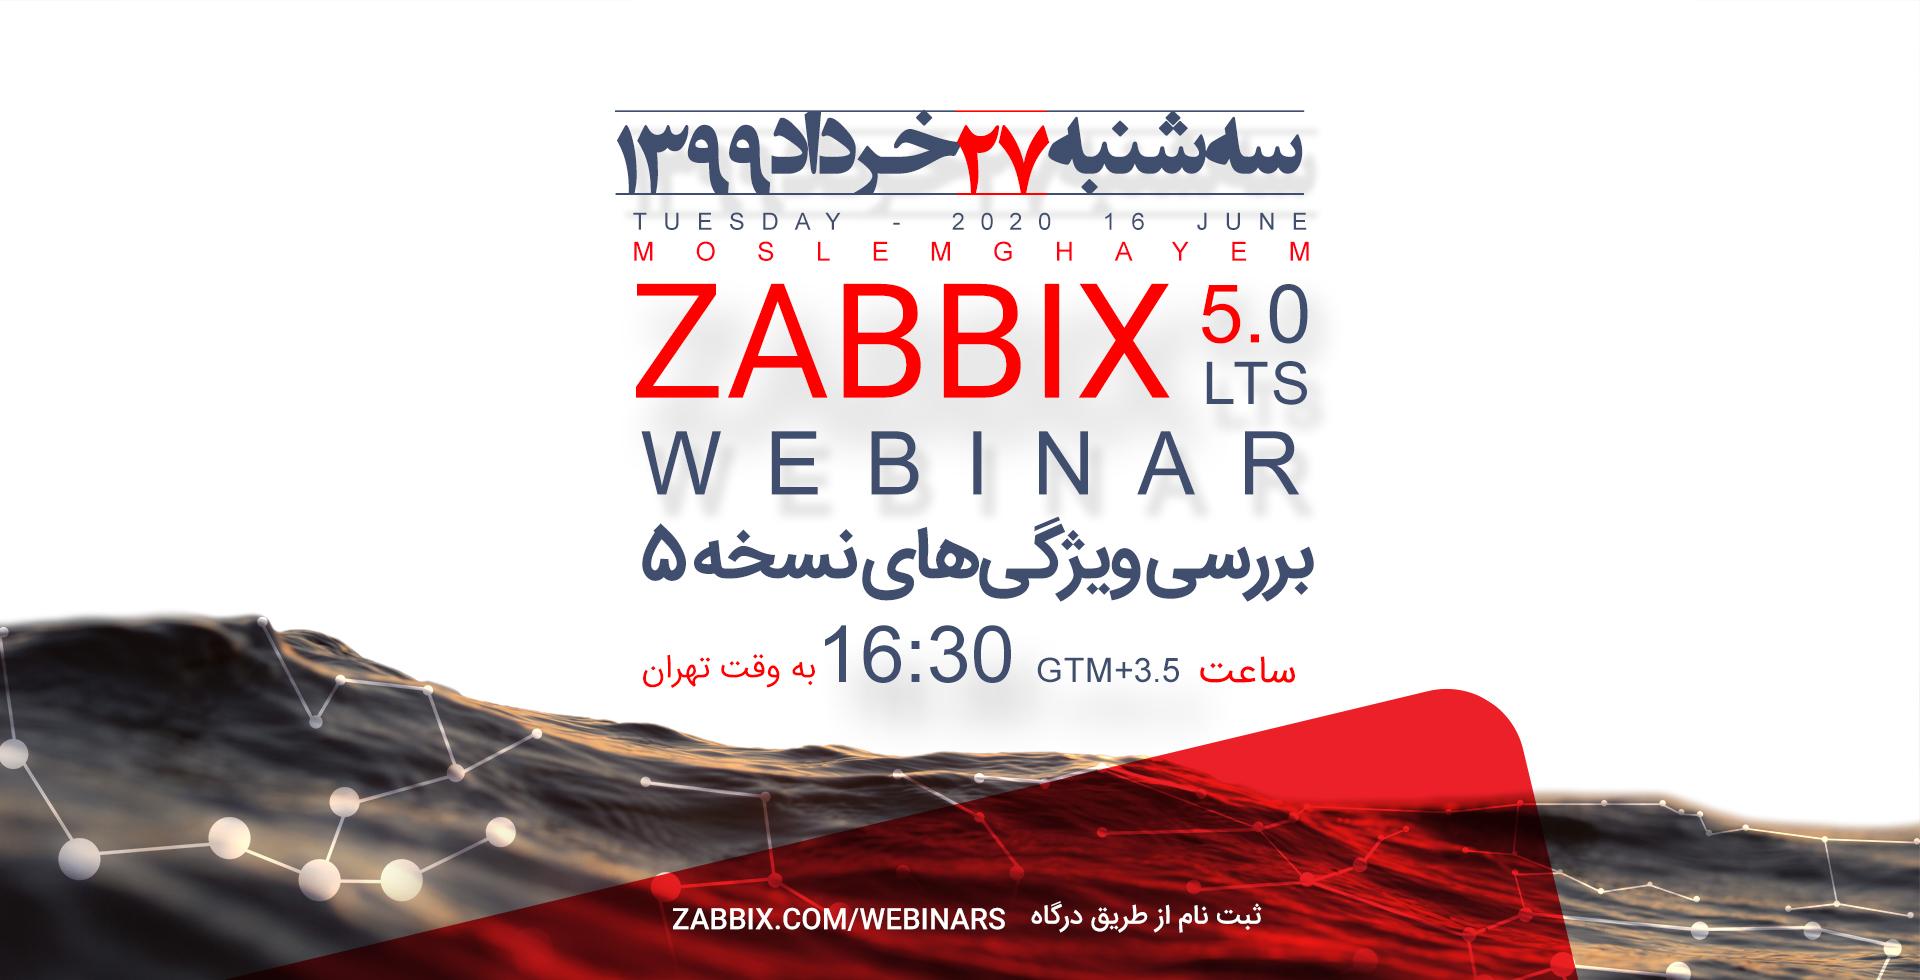 برگزاری وبینار رایگان بررسی ویژگیهای نسخه ۵ زبیکس